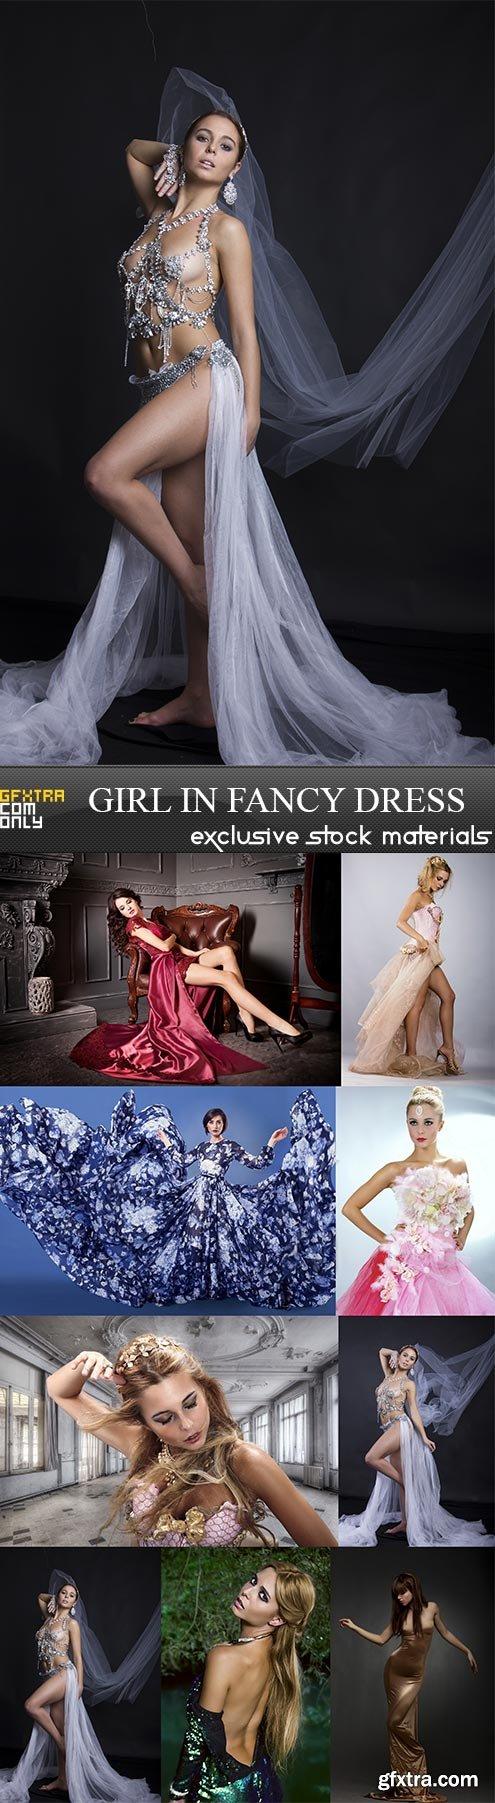 Girl in fancy dress, 9  x  UHQ JPEG